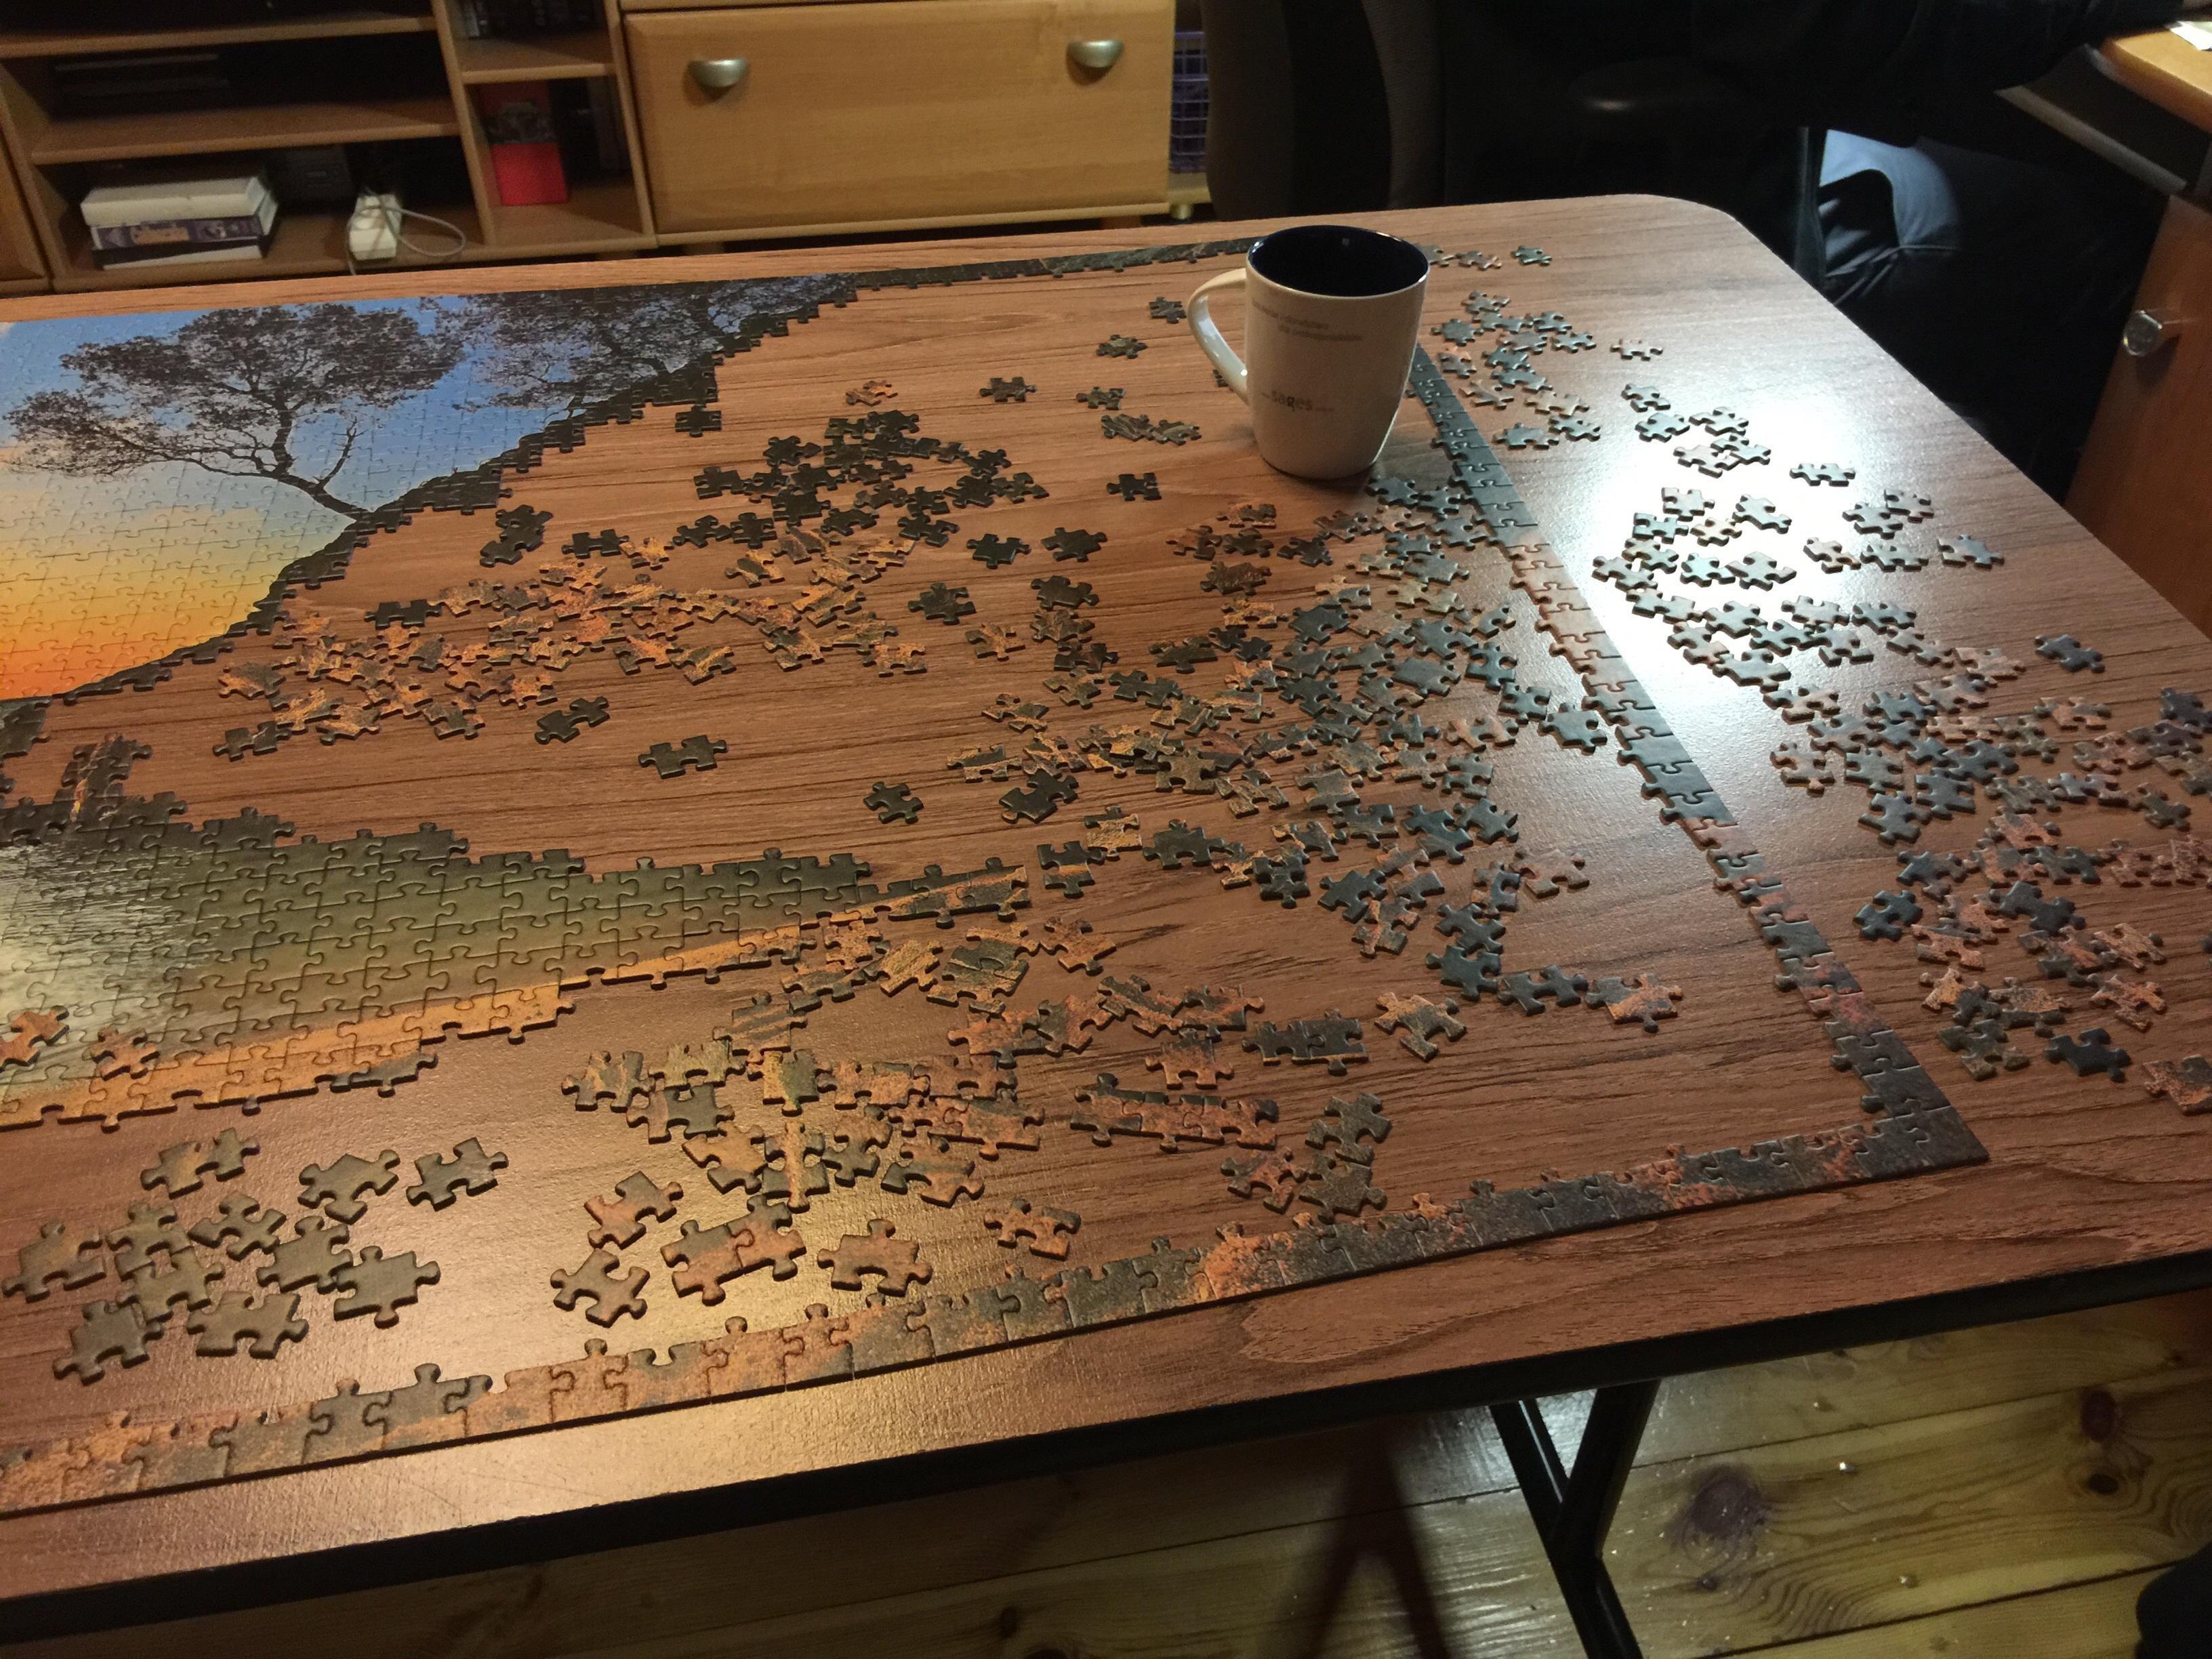 mesa madera piso mueble material encimera art diseo madera dura piso suelos de madera